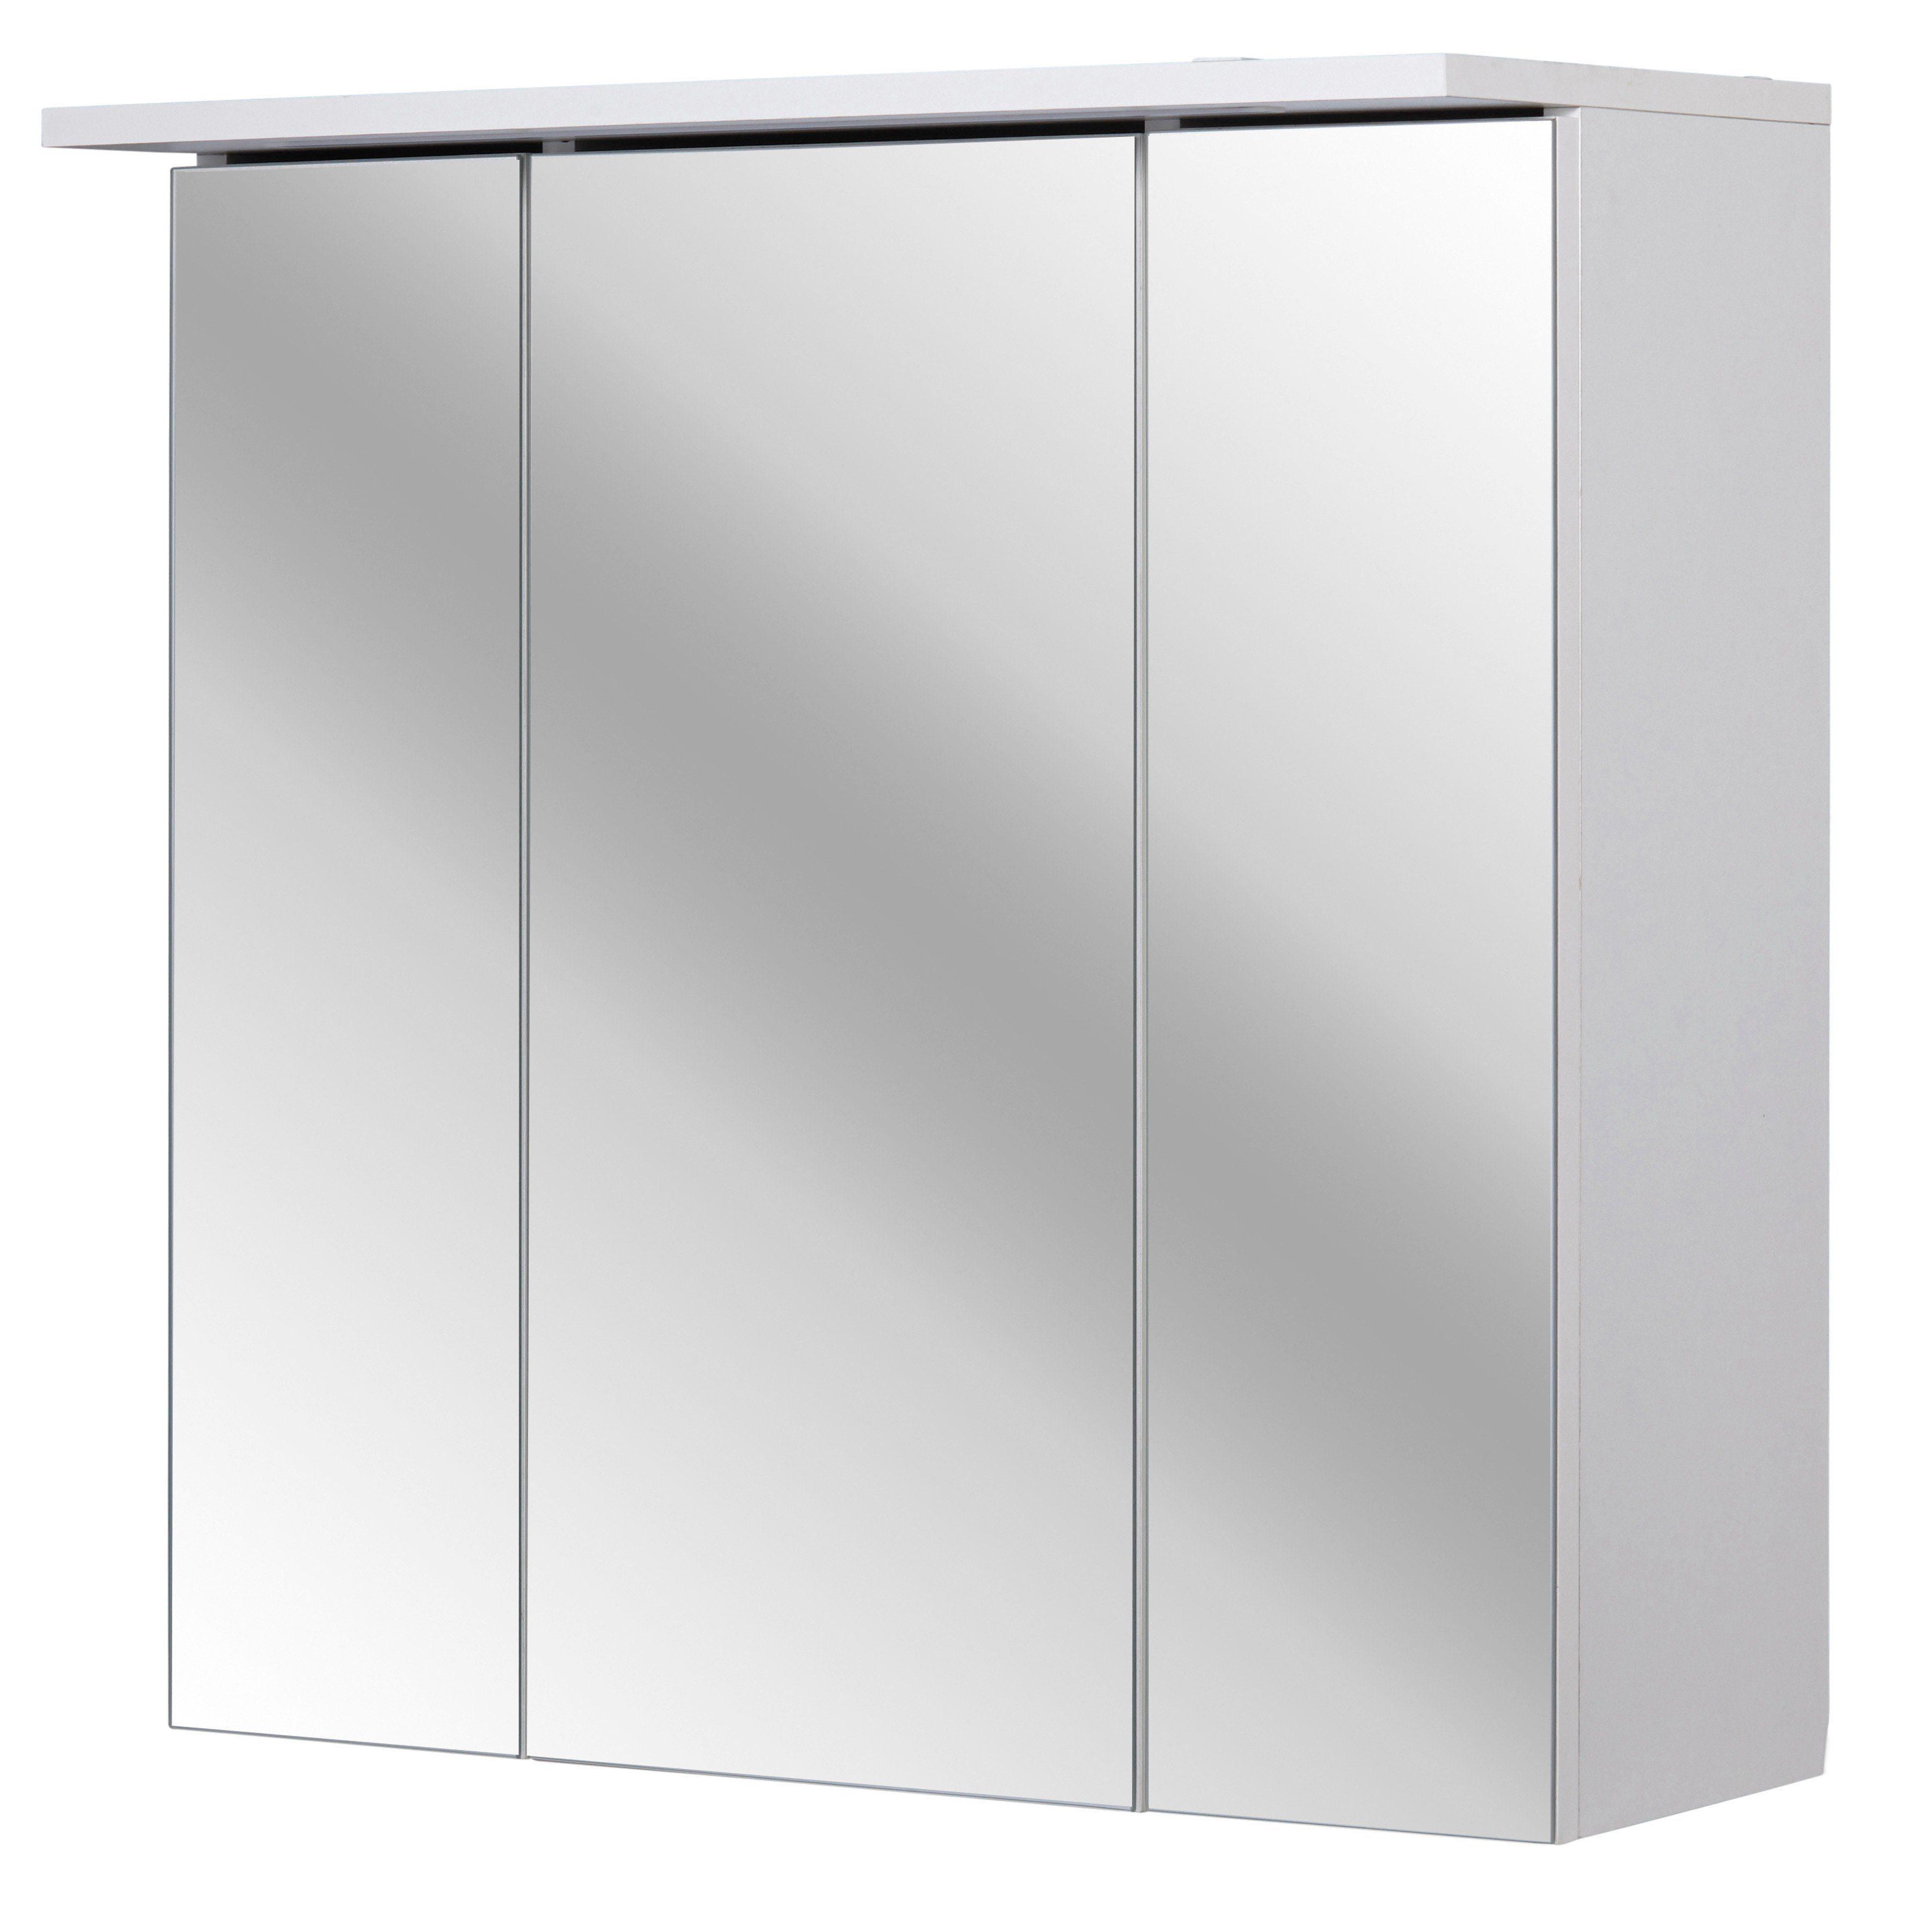 Spiegelschrank »Flex« Breite 60 cm, mit LED-Beleuchtung